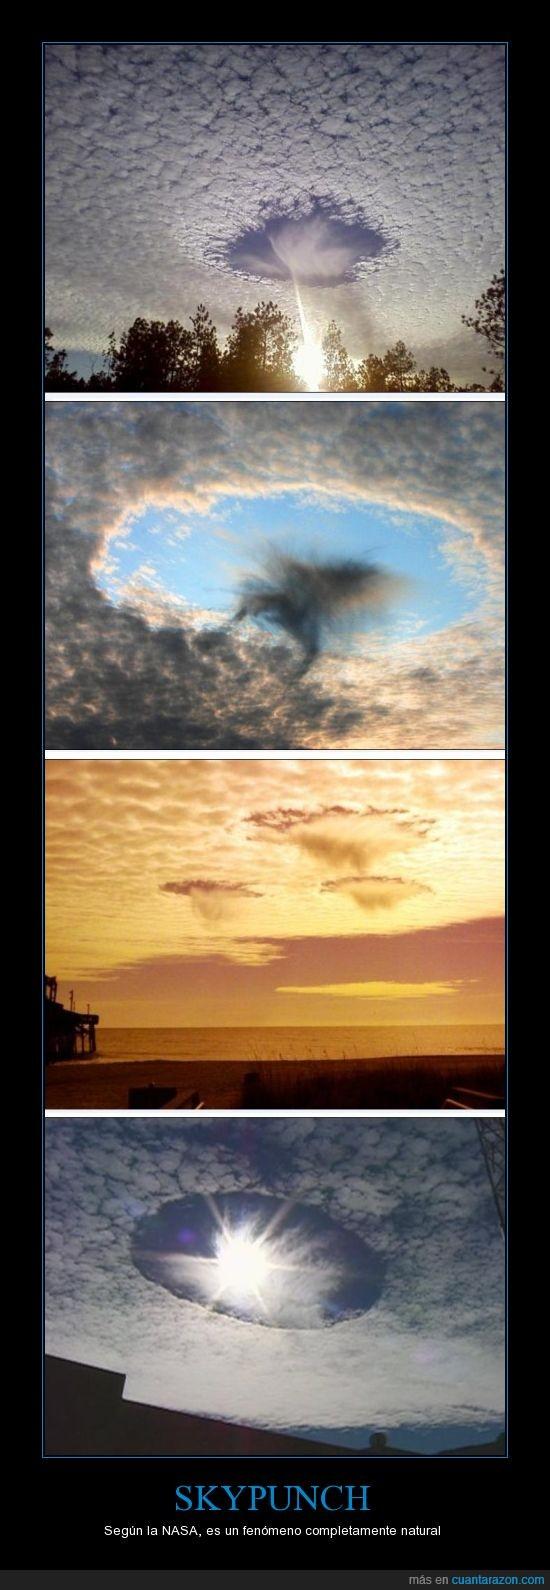 agujero en el cielo,cielo,fenómenos naturales,nasa,próximo tema espeluznante de cuarto milenio,raro,skypunch